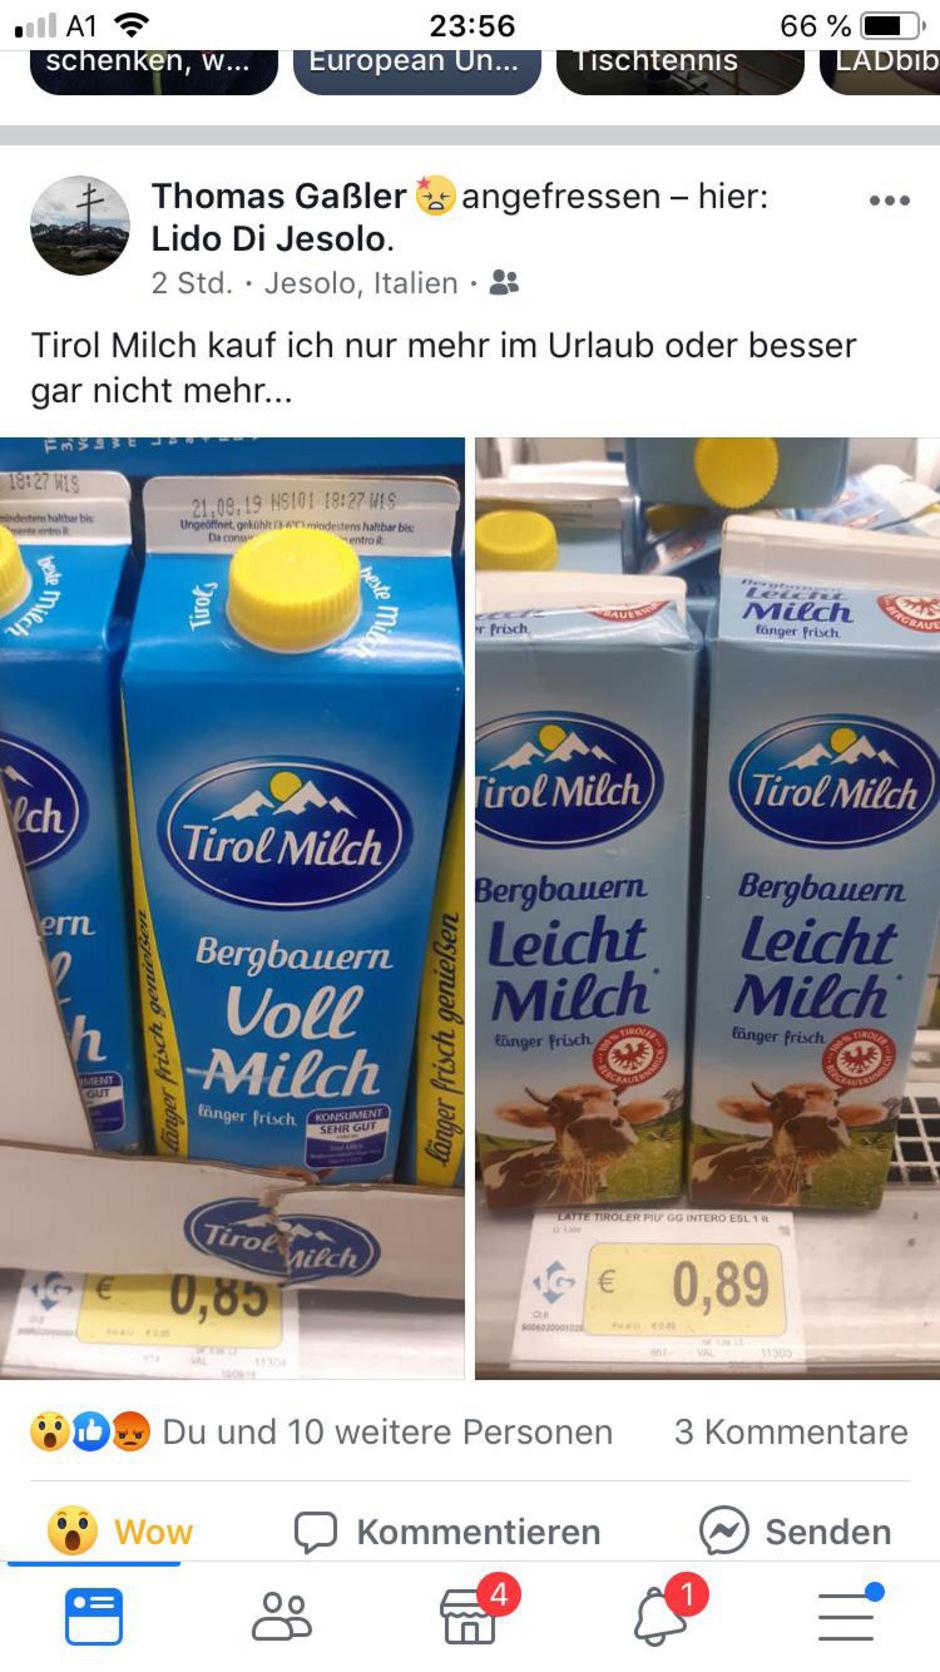 Tirol Milch ist in Jesolo offenbar günstiger.